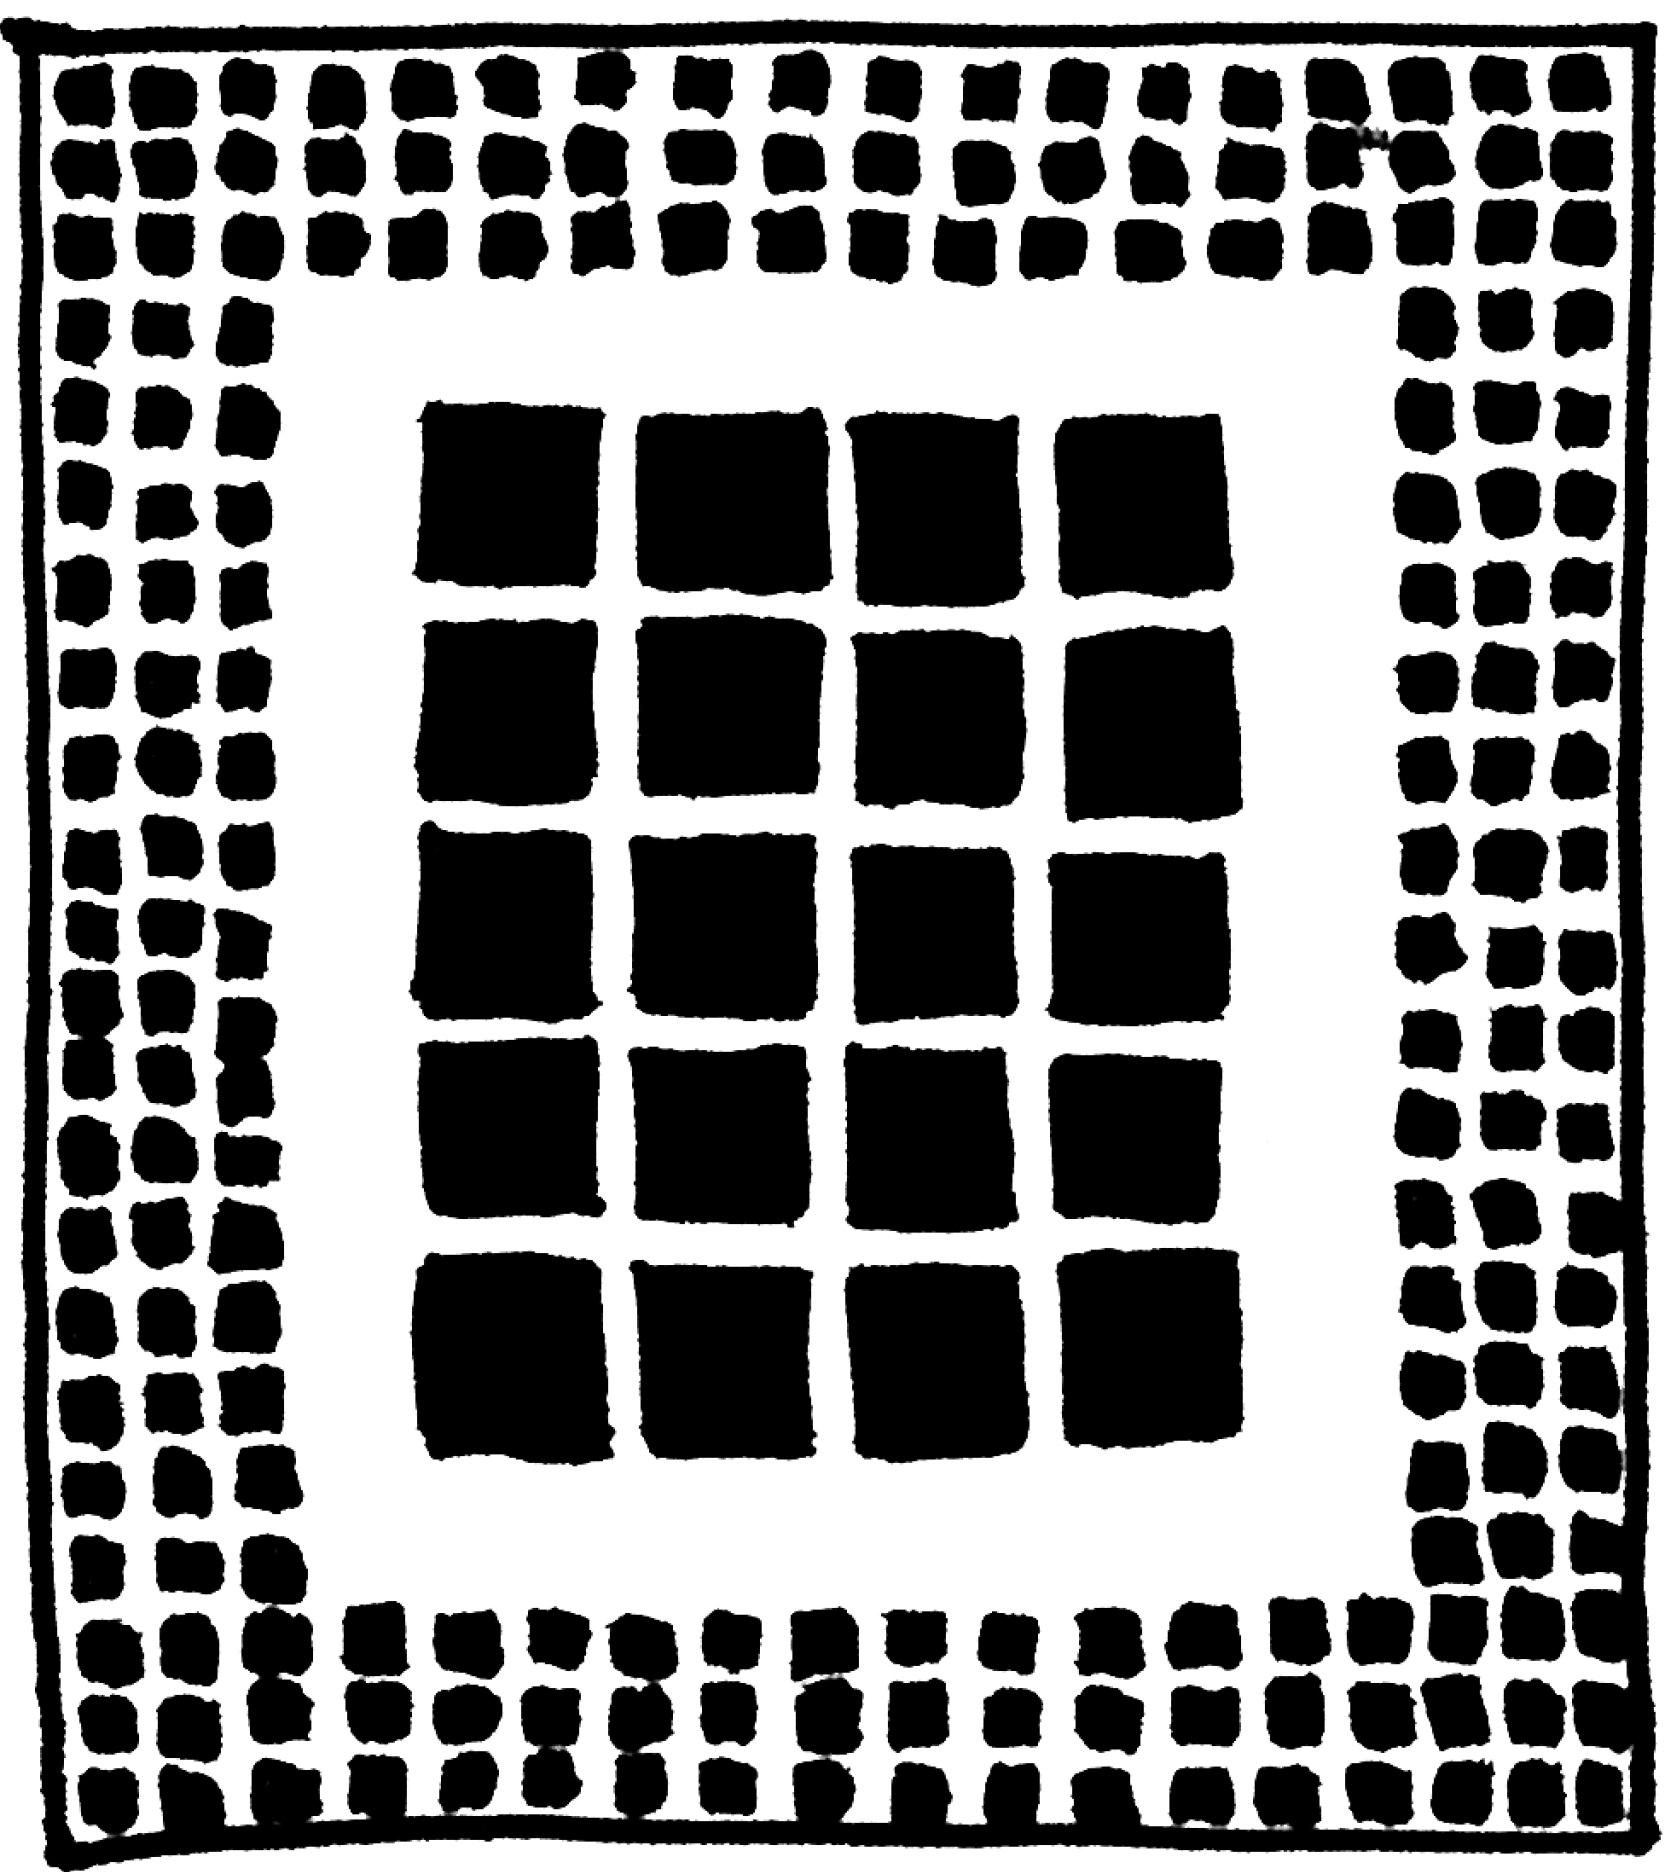 Valencia_patterns7.jpg